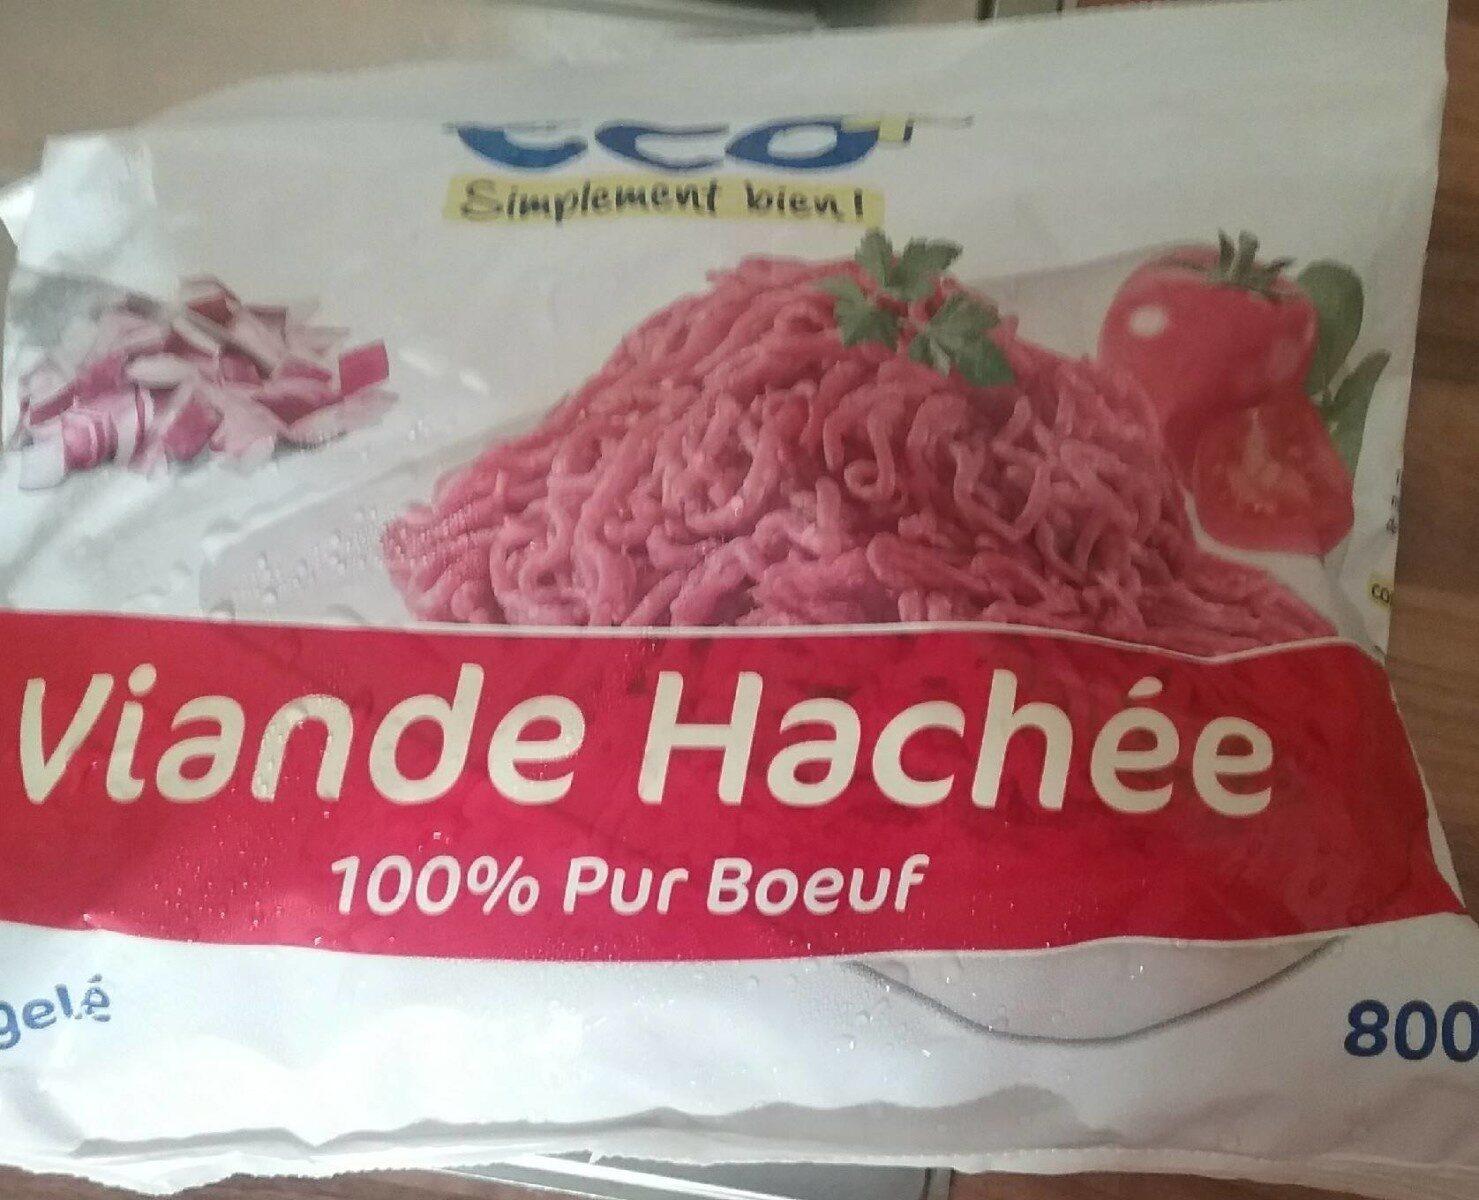 Viande hachée surgelée pur boeuf - Produit - fr